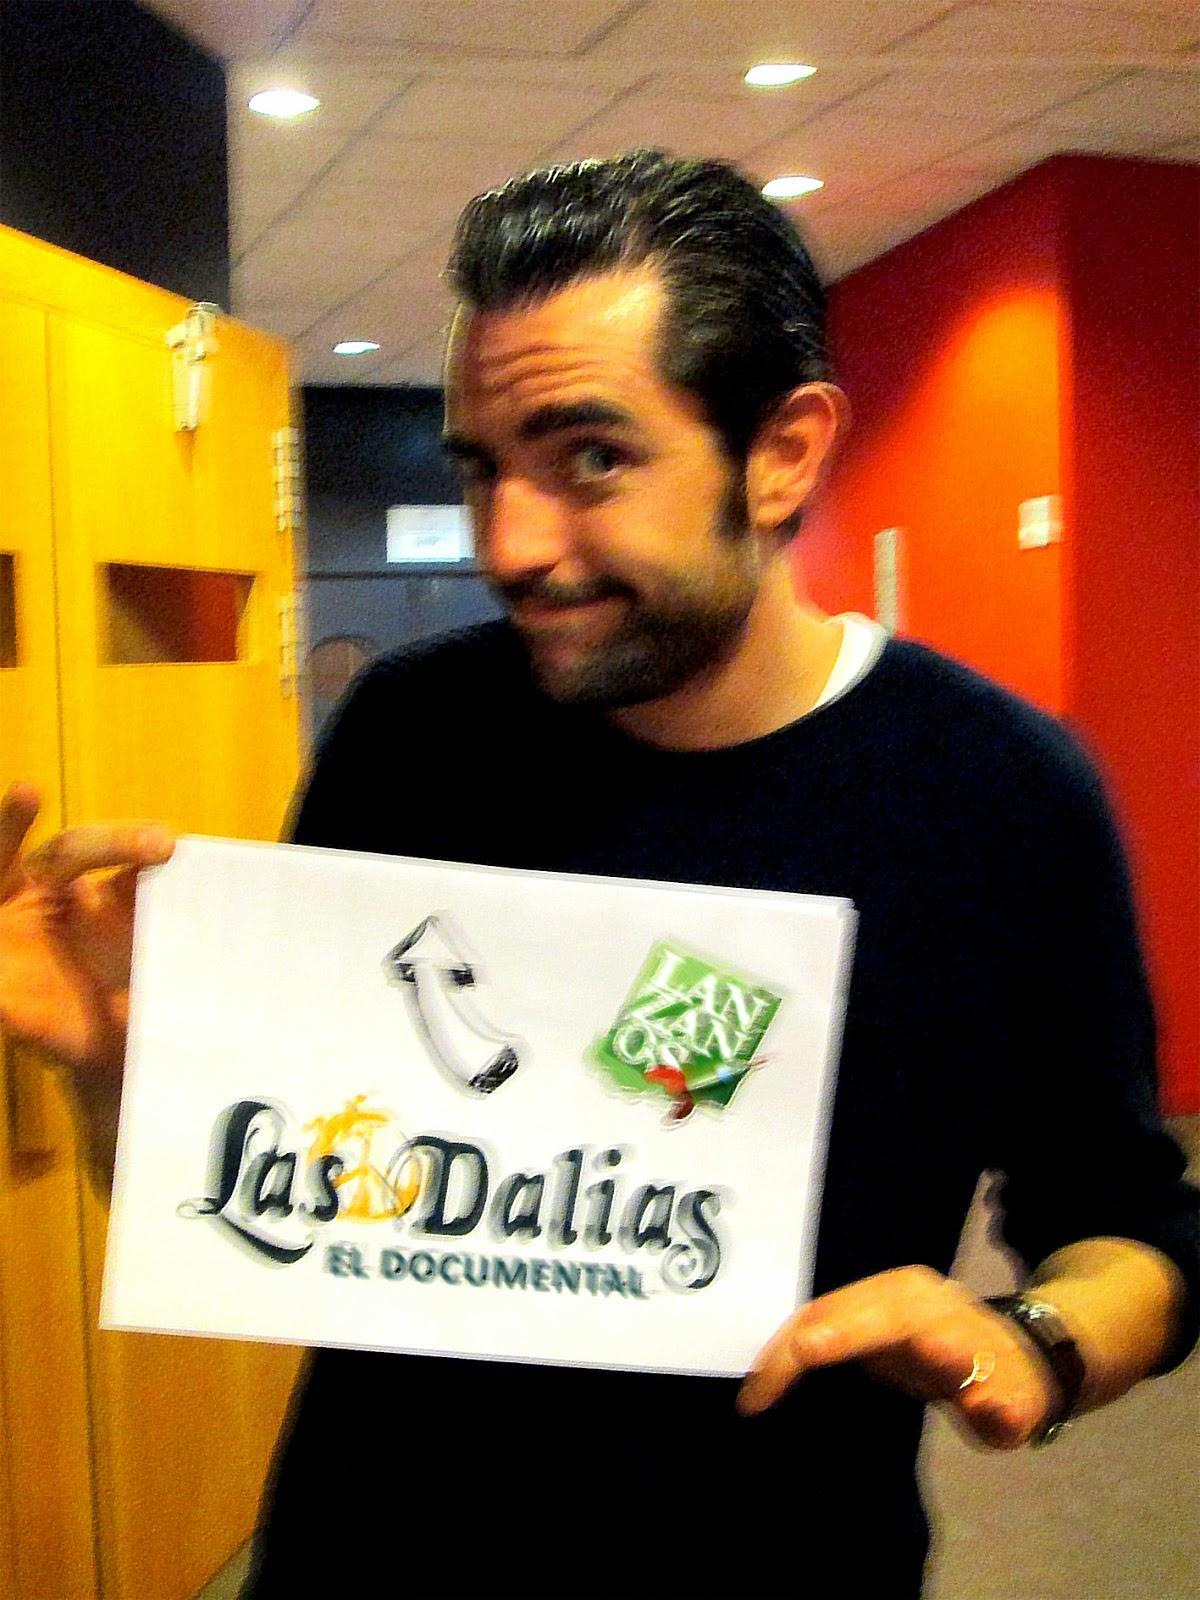 Dani Matero, Intermedio, La sexta, documental, los40, no te pierdas nada, presentador, televisión, famoso, guapo, crowdfunding, lanzanos, documentary